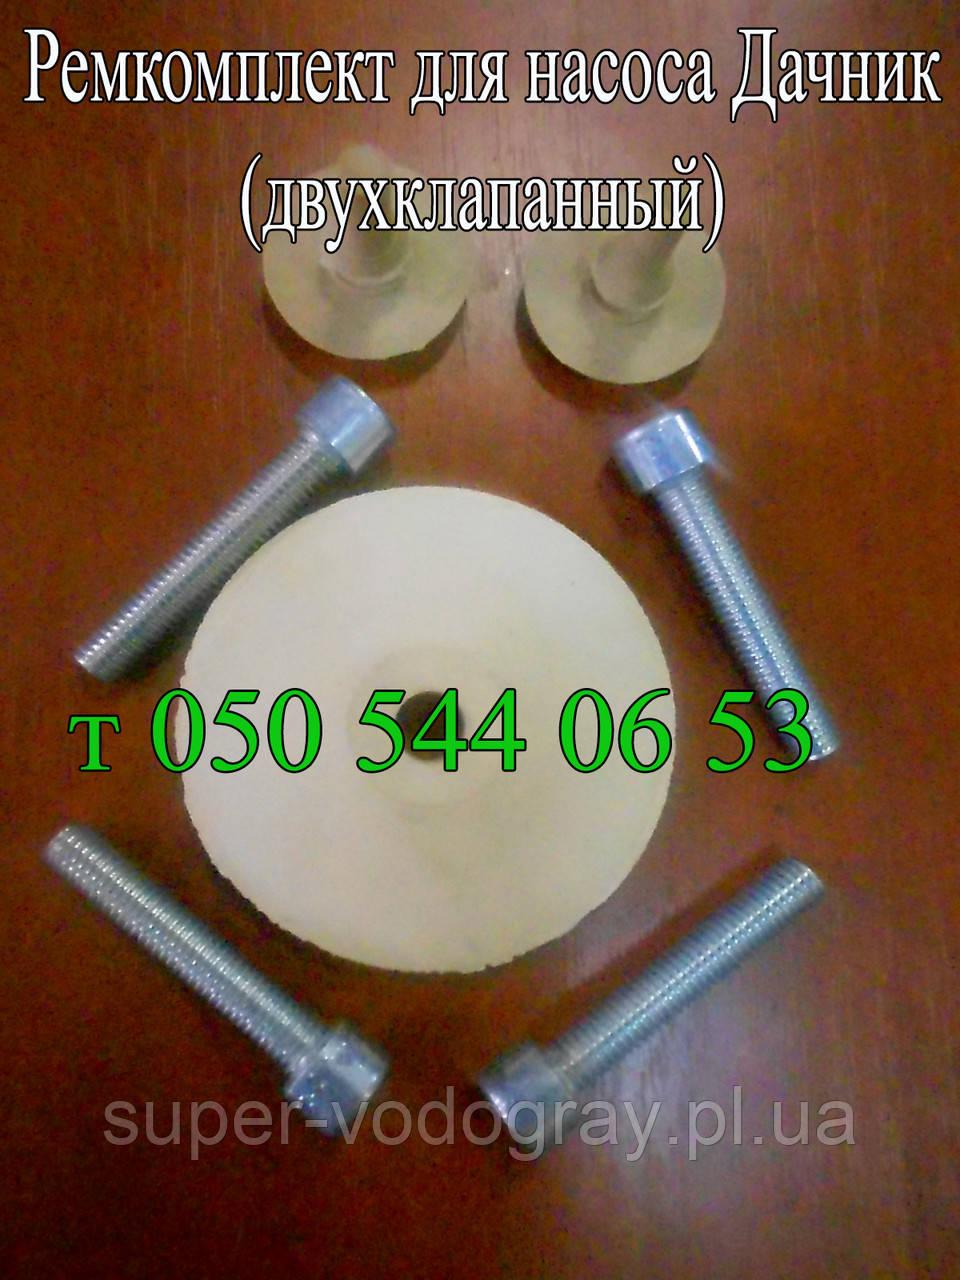 Ремкомплект для насоса Дачник (двухклапанный)